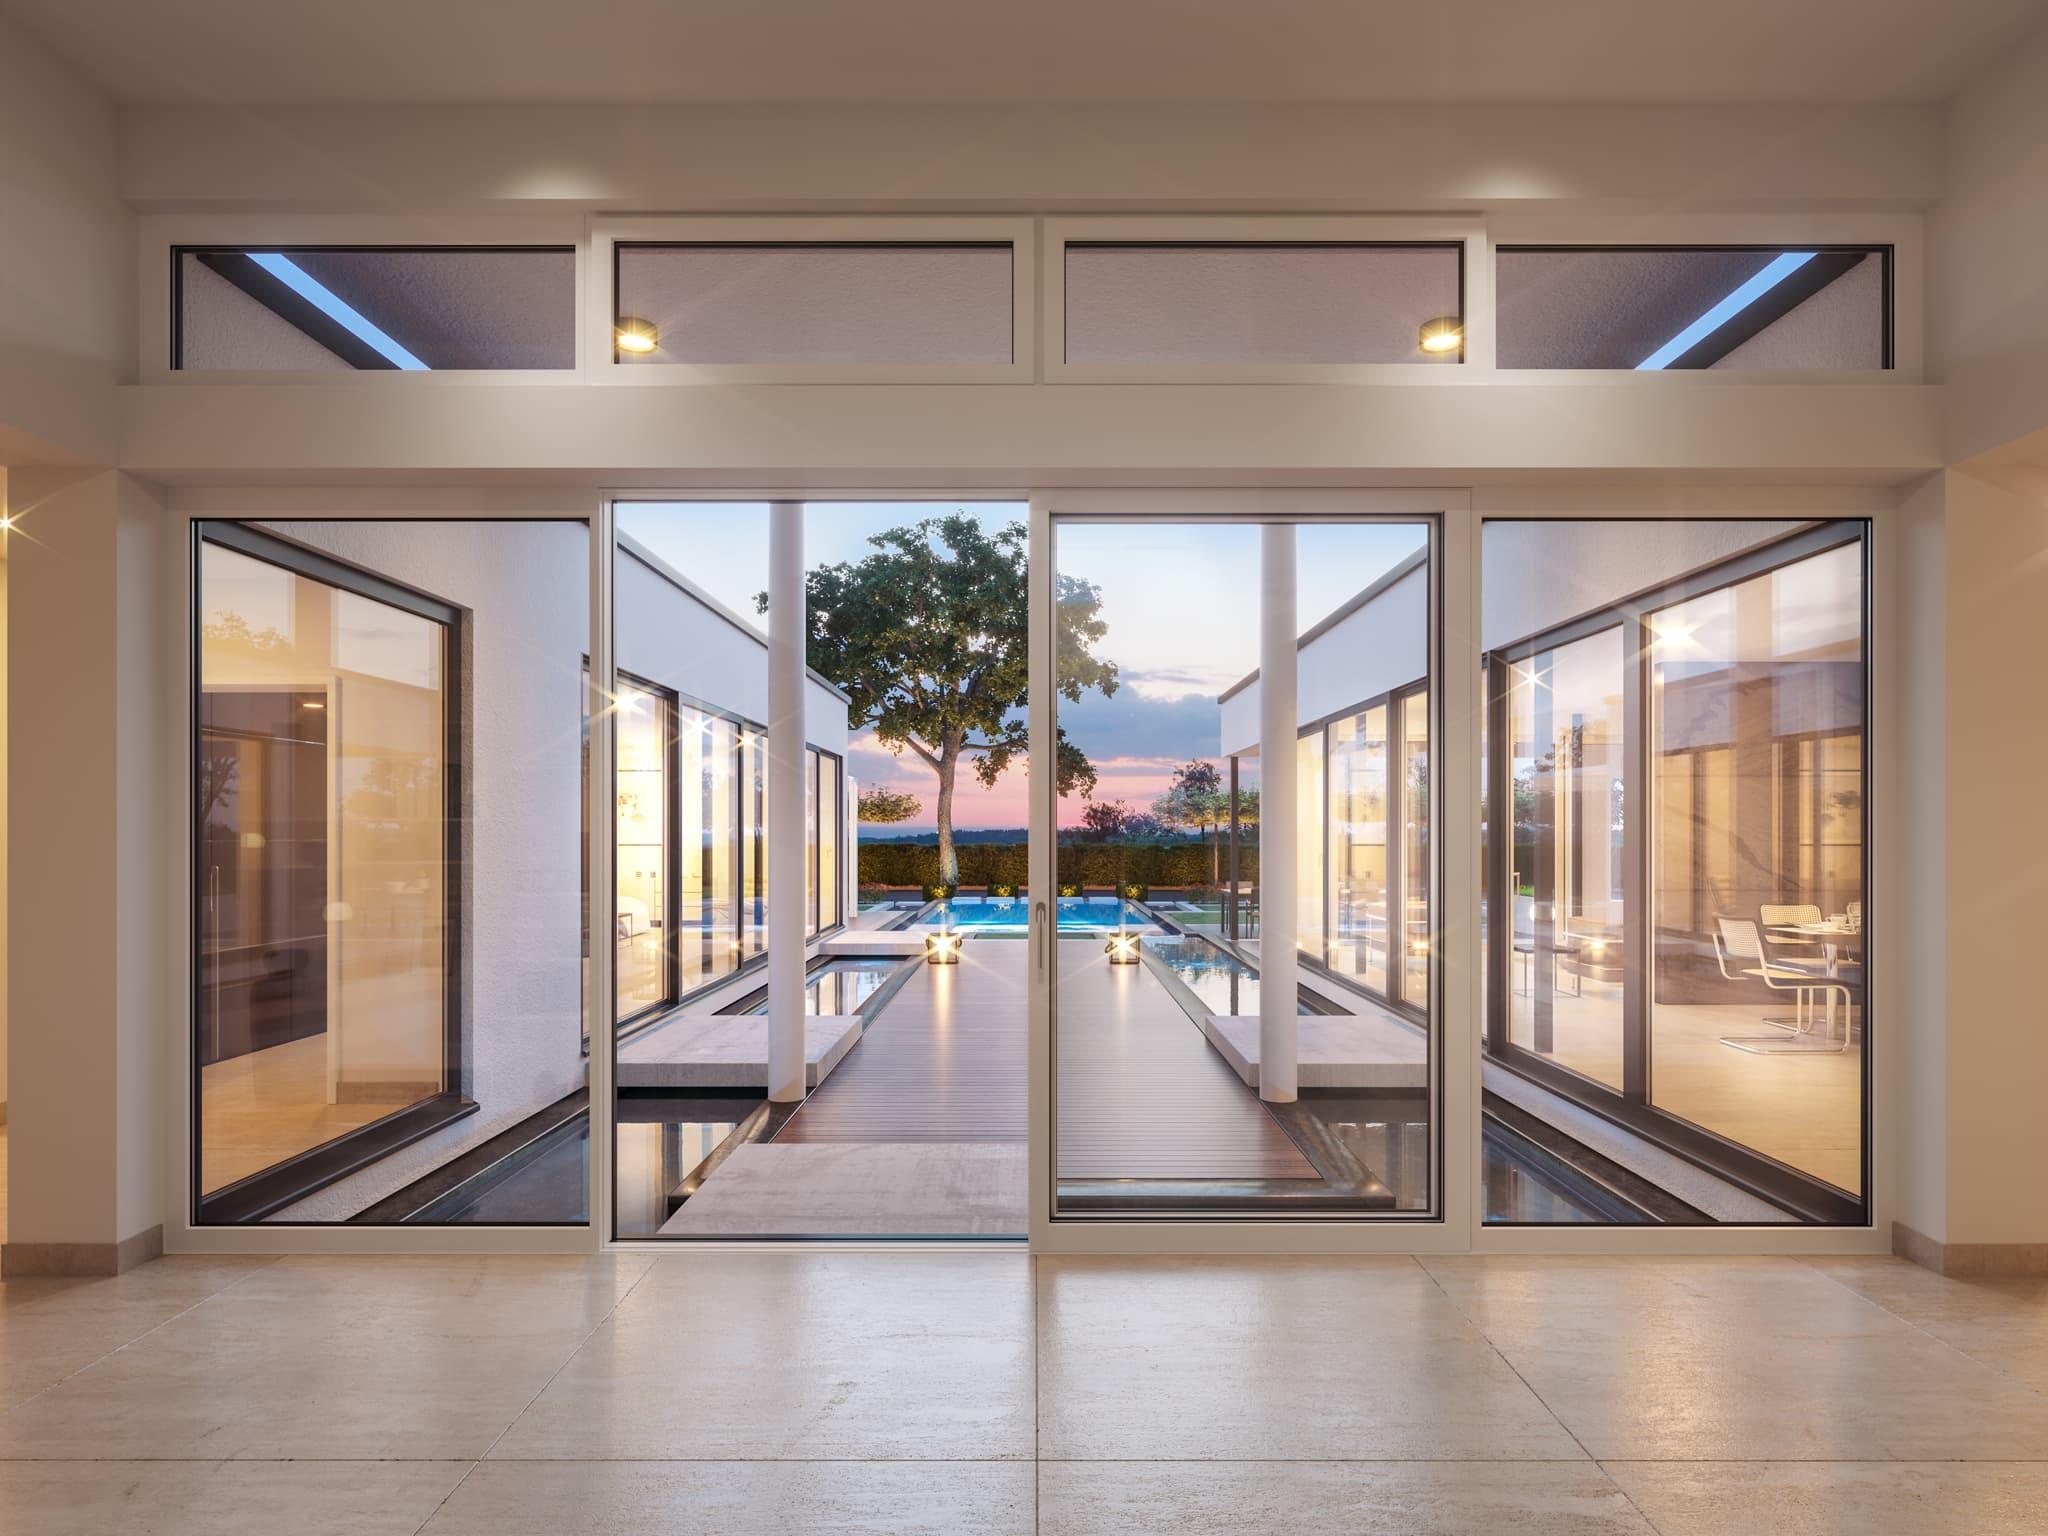 Inneneinrichtung Ideen Bungalow AMBIENCE 209 Bein Zenker Fertighaus - Haus bauen Ideen finden auf HausbauDirekt.de